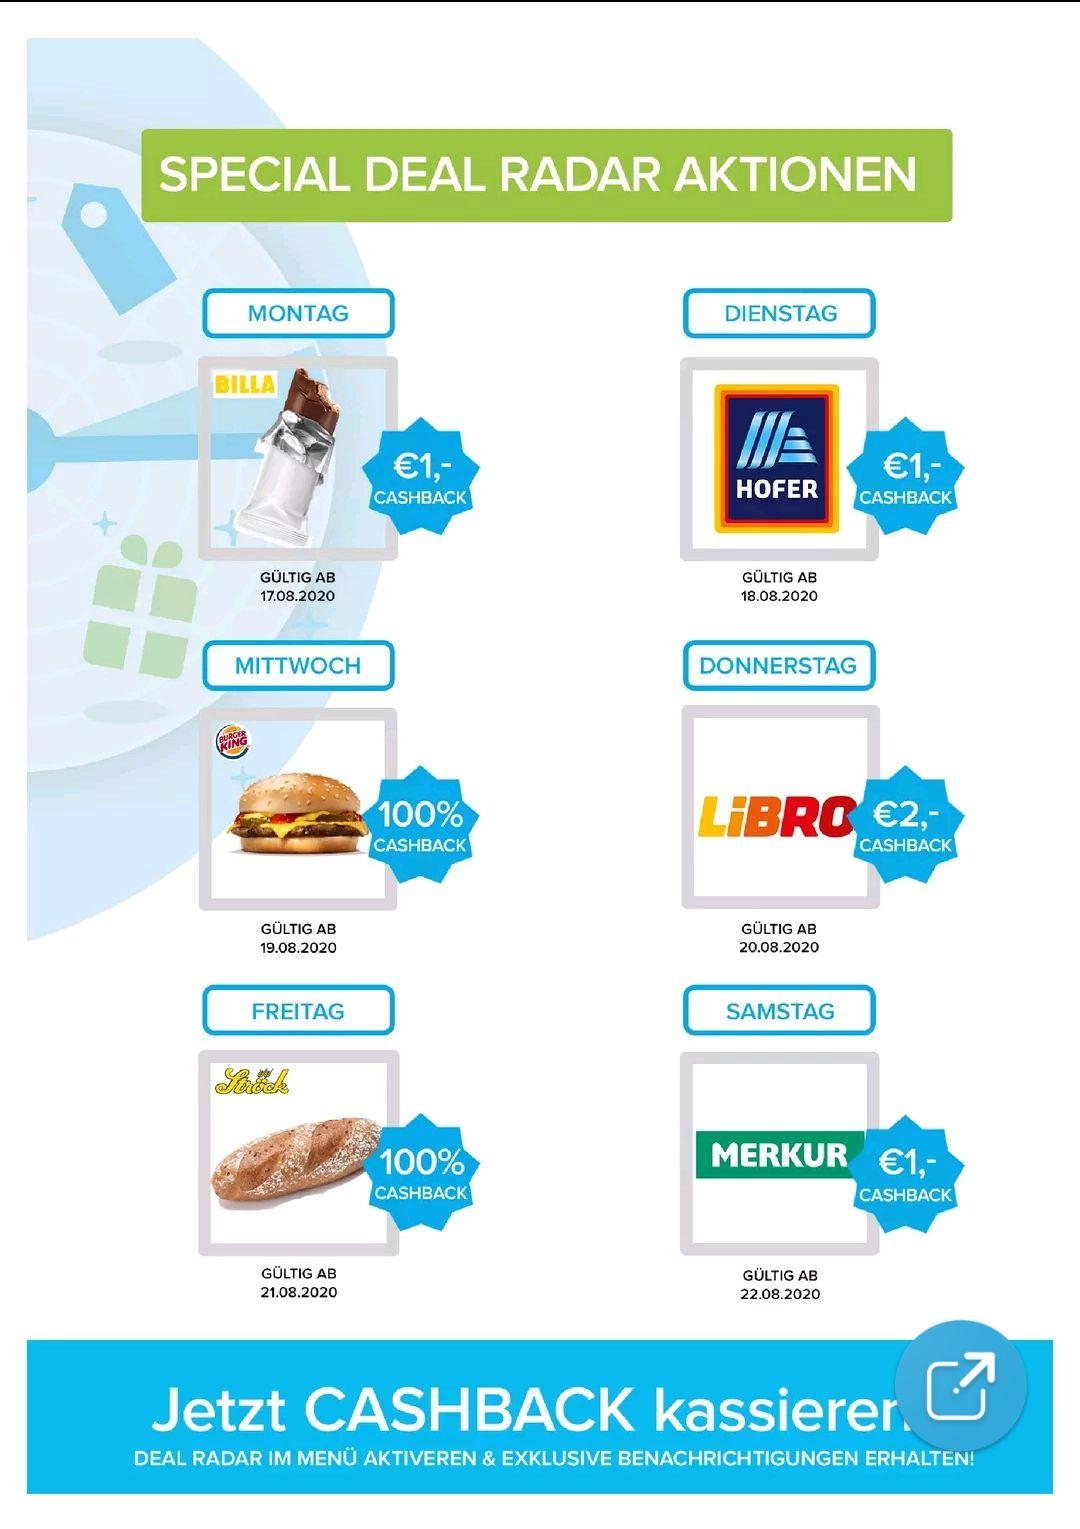 Markguru Cashback 1€ oder 100% bei verschiedenen Shops